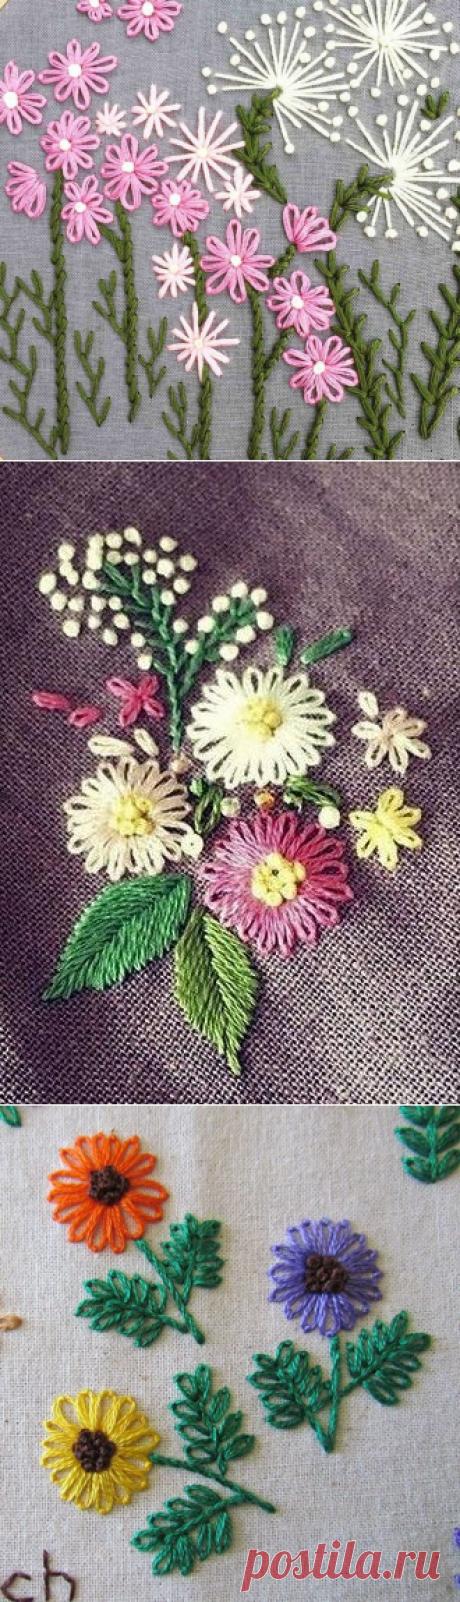 Красивая вышивка из самых простых элементов — Сделай сам, идеи для творчества - DIY Ideas